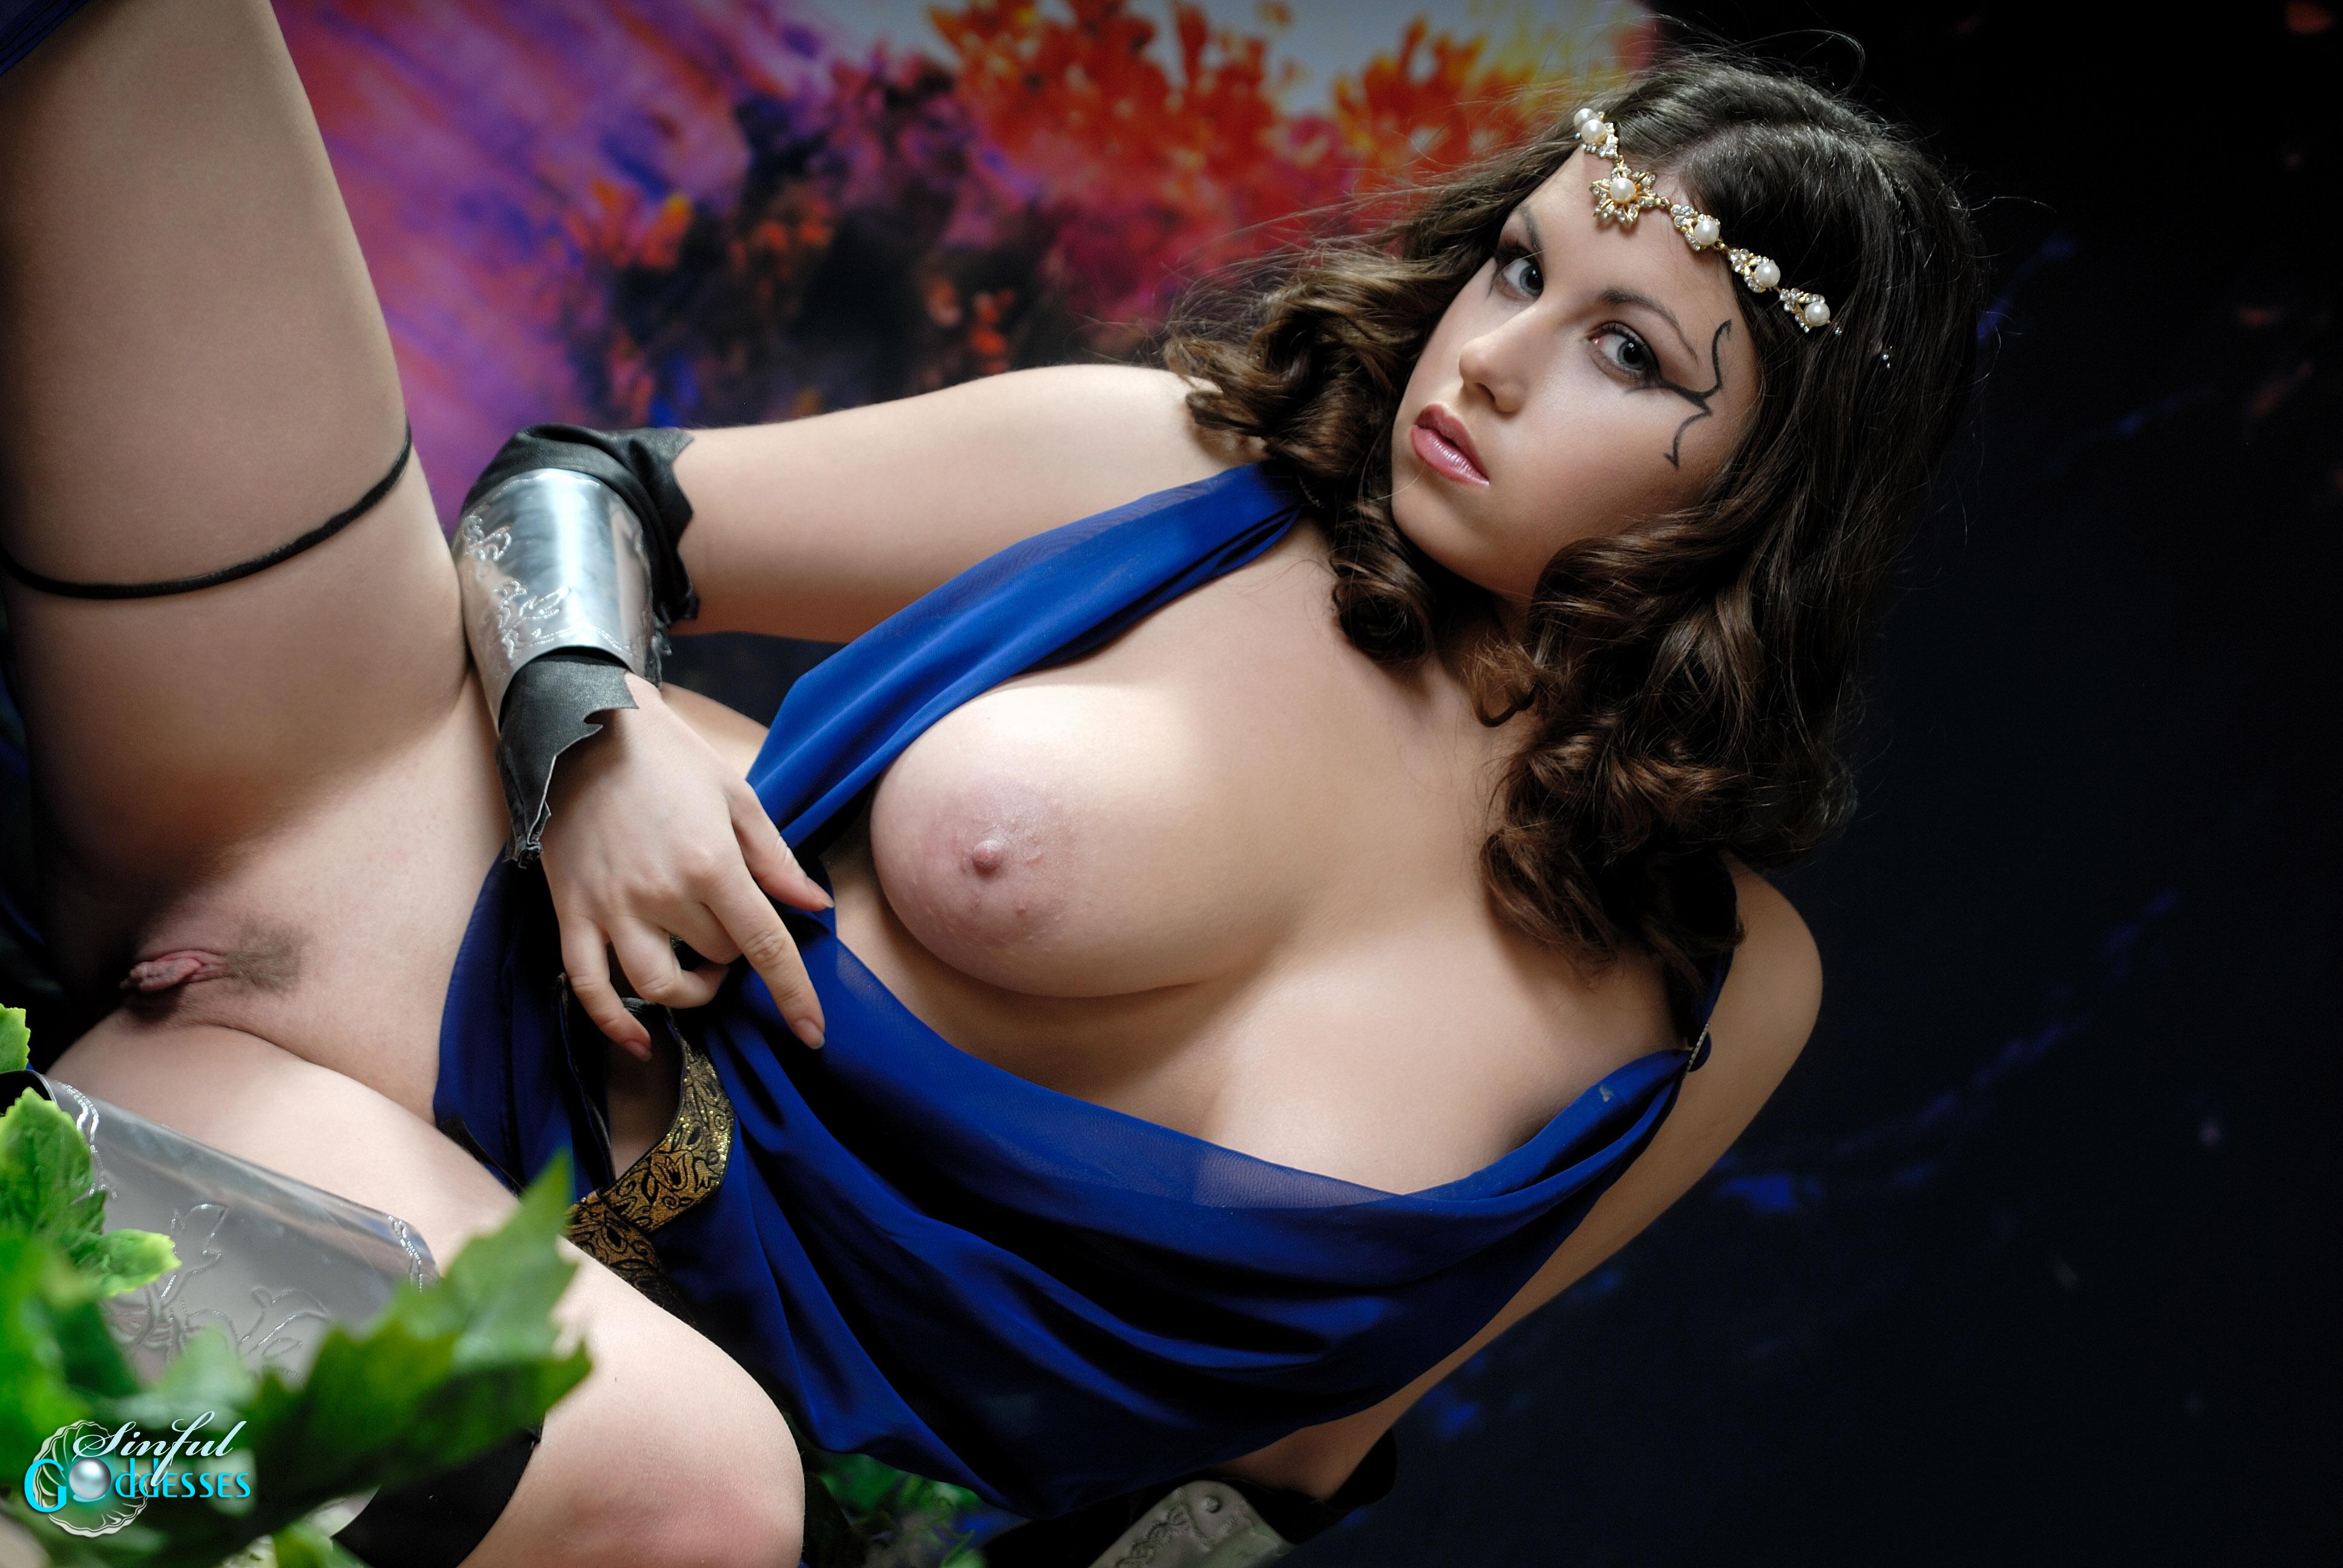 Секс с богиней hd, Секс С Богиней biqle Видео 21 фотография